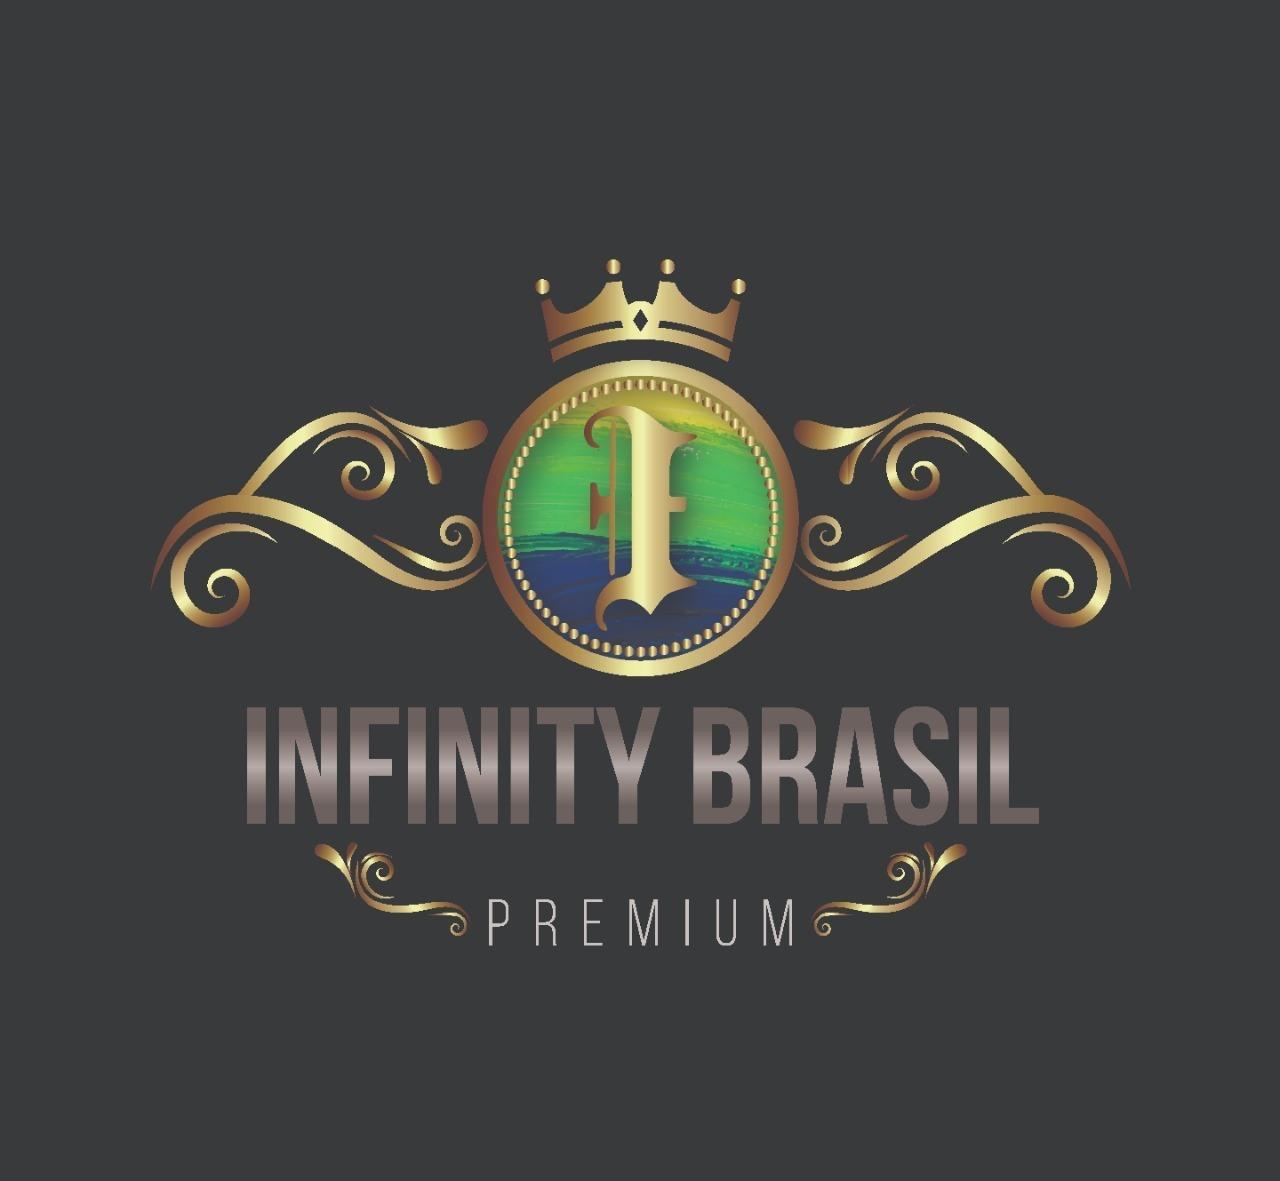 Infinity Brasil Goiânia